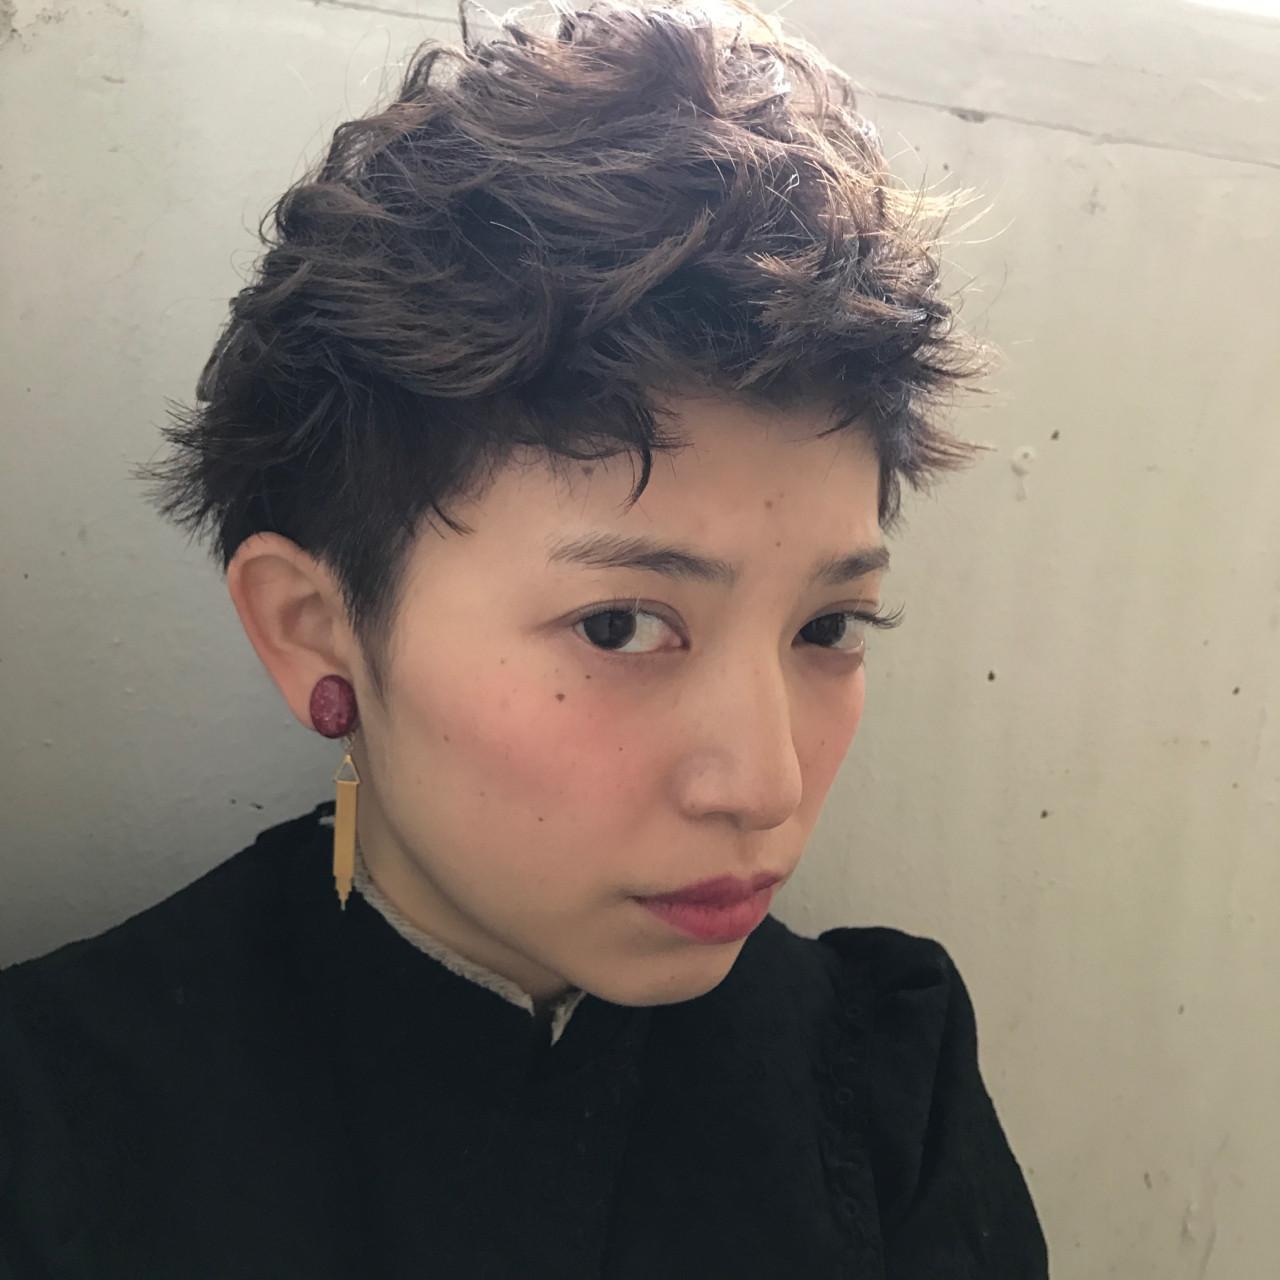 パーマ 黒髪 モード ショート ヘアスタイルや髪型の写真・画像